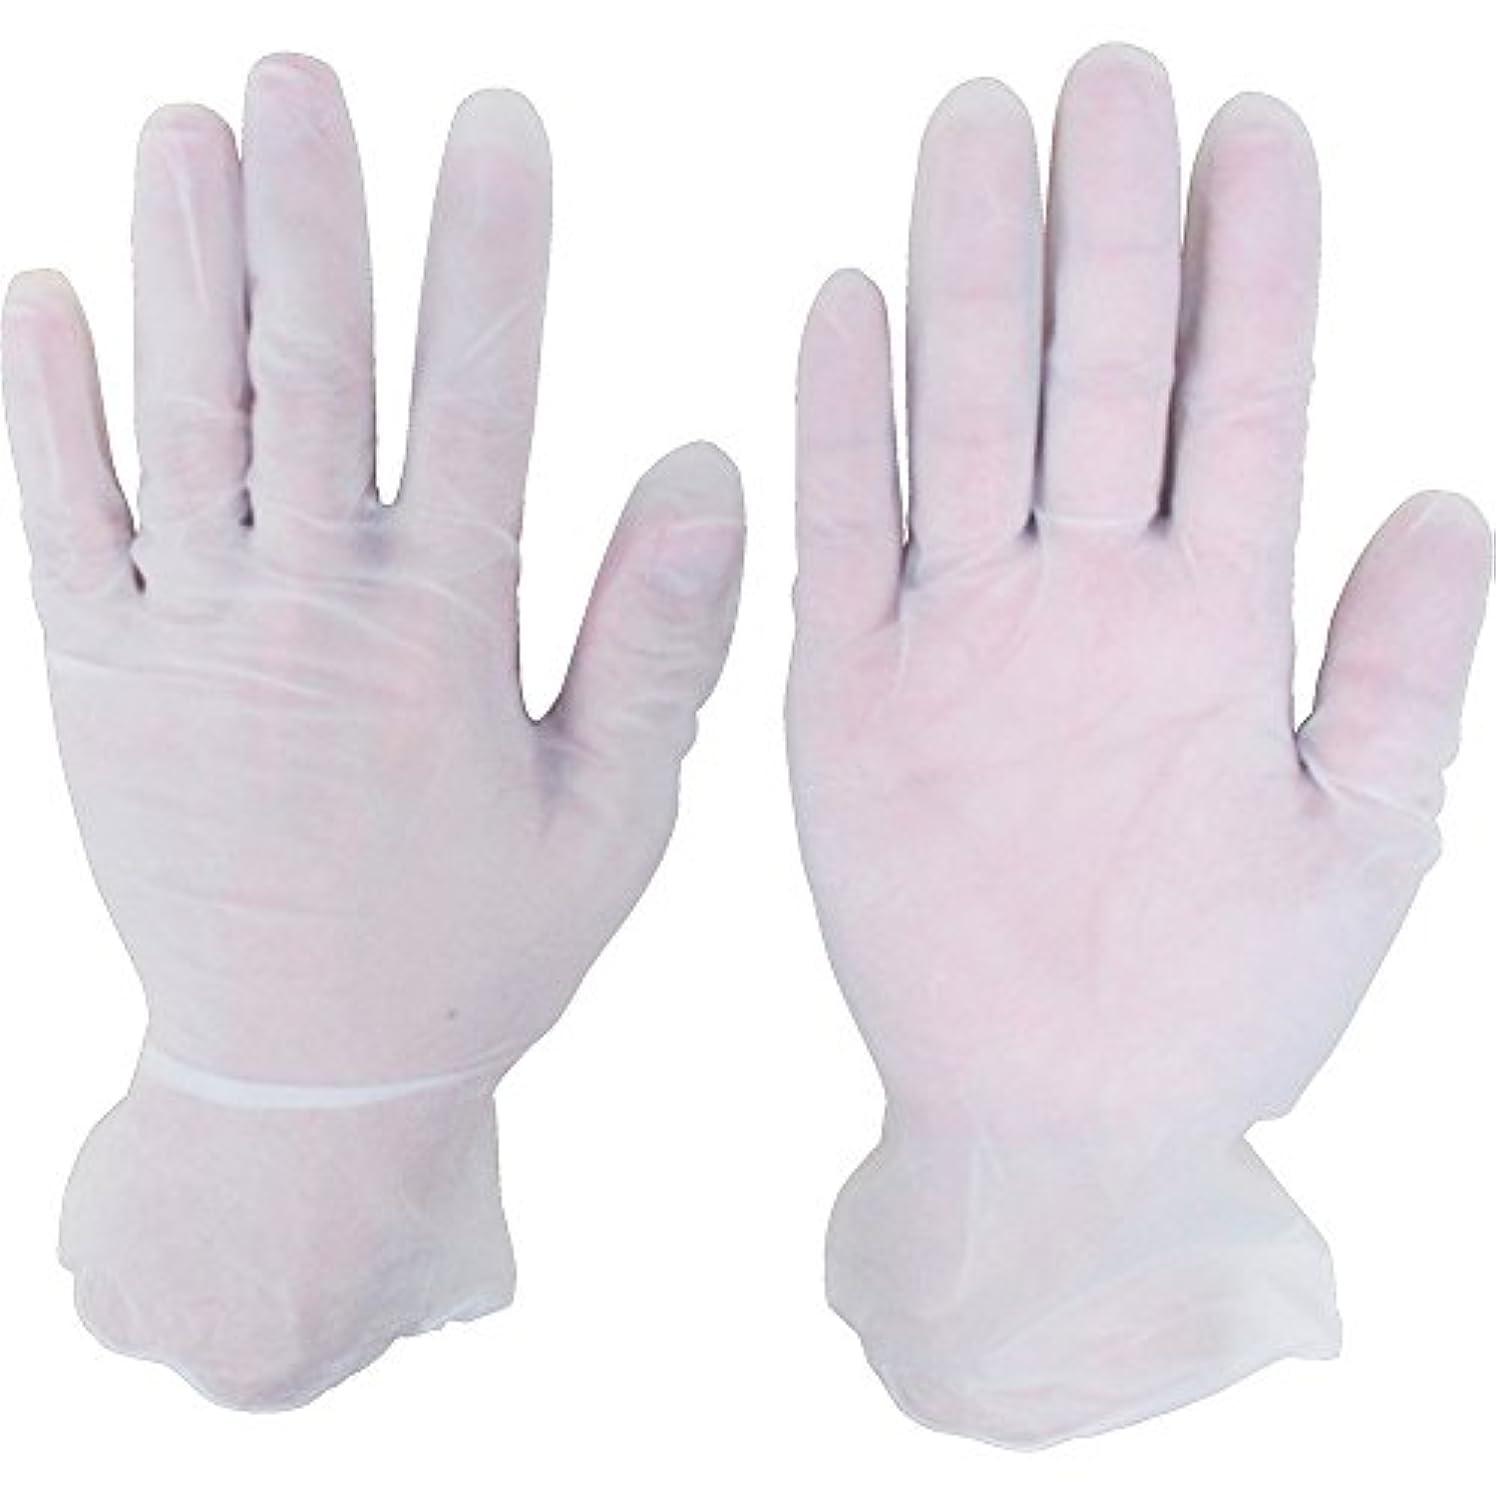 ファウルゴシップジャングルシンガー プラスチックグローブNo8100PF Sサイズ (100枚入) D201-S ビニール使い捨て手袋